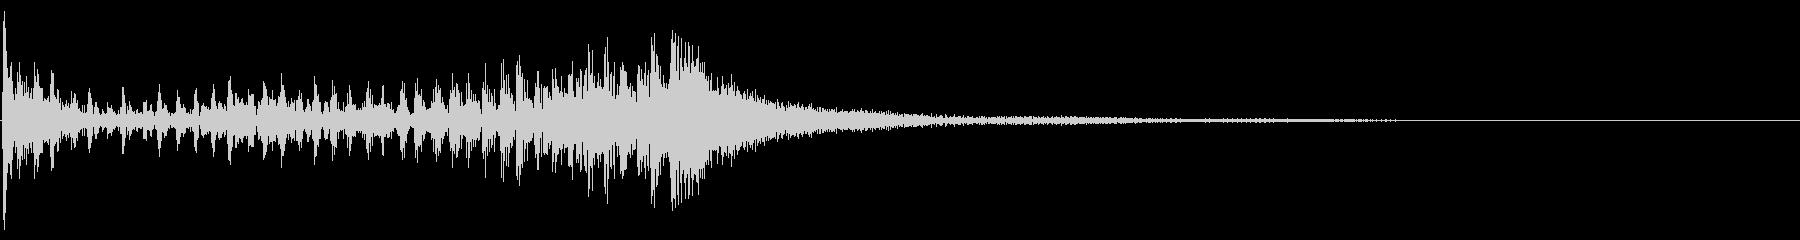 ティンパニ:ウェッブリーロールダウ...の未再生の波形